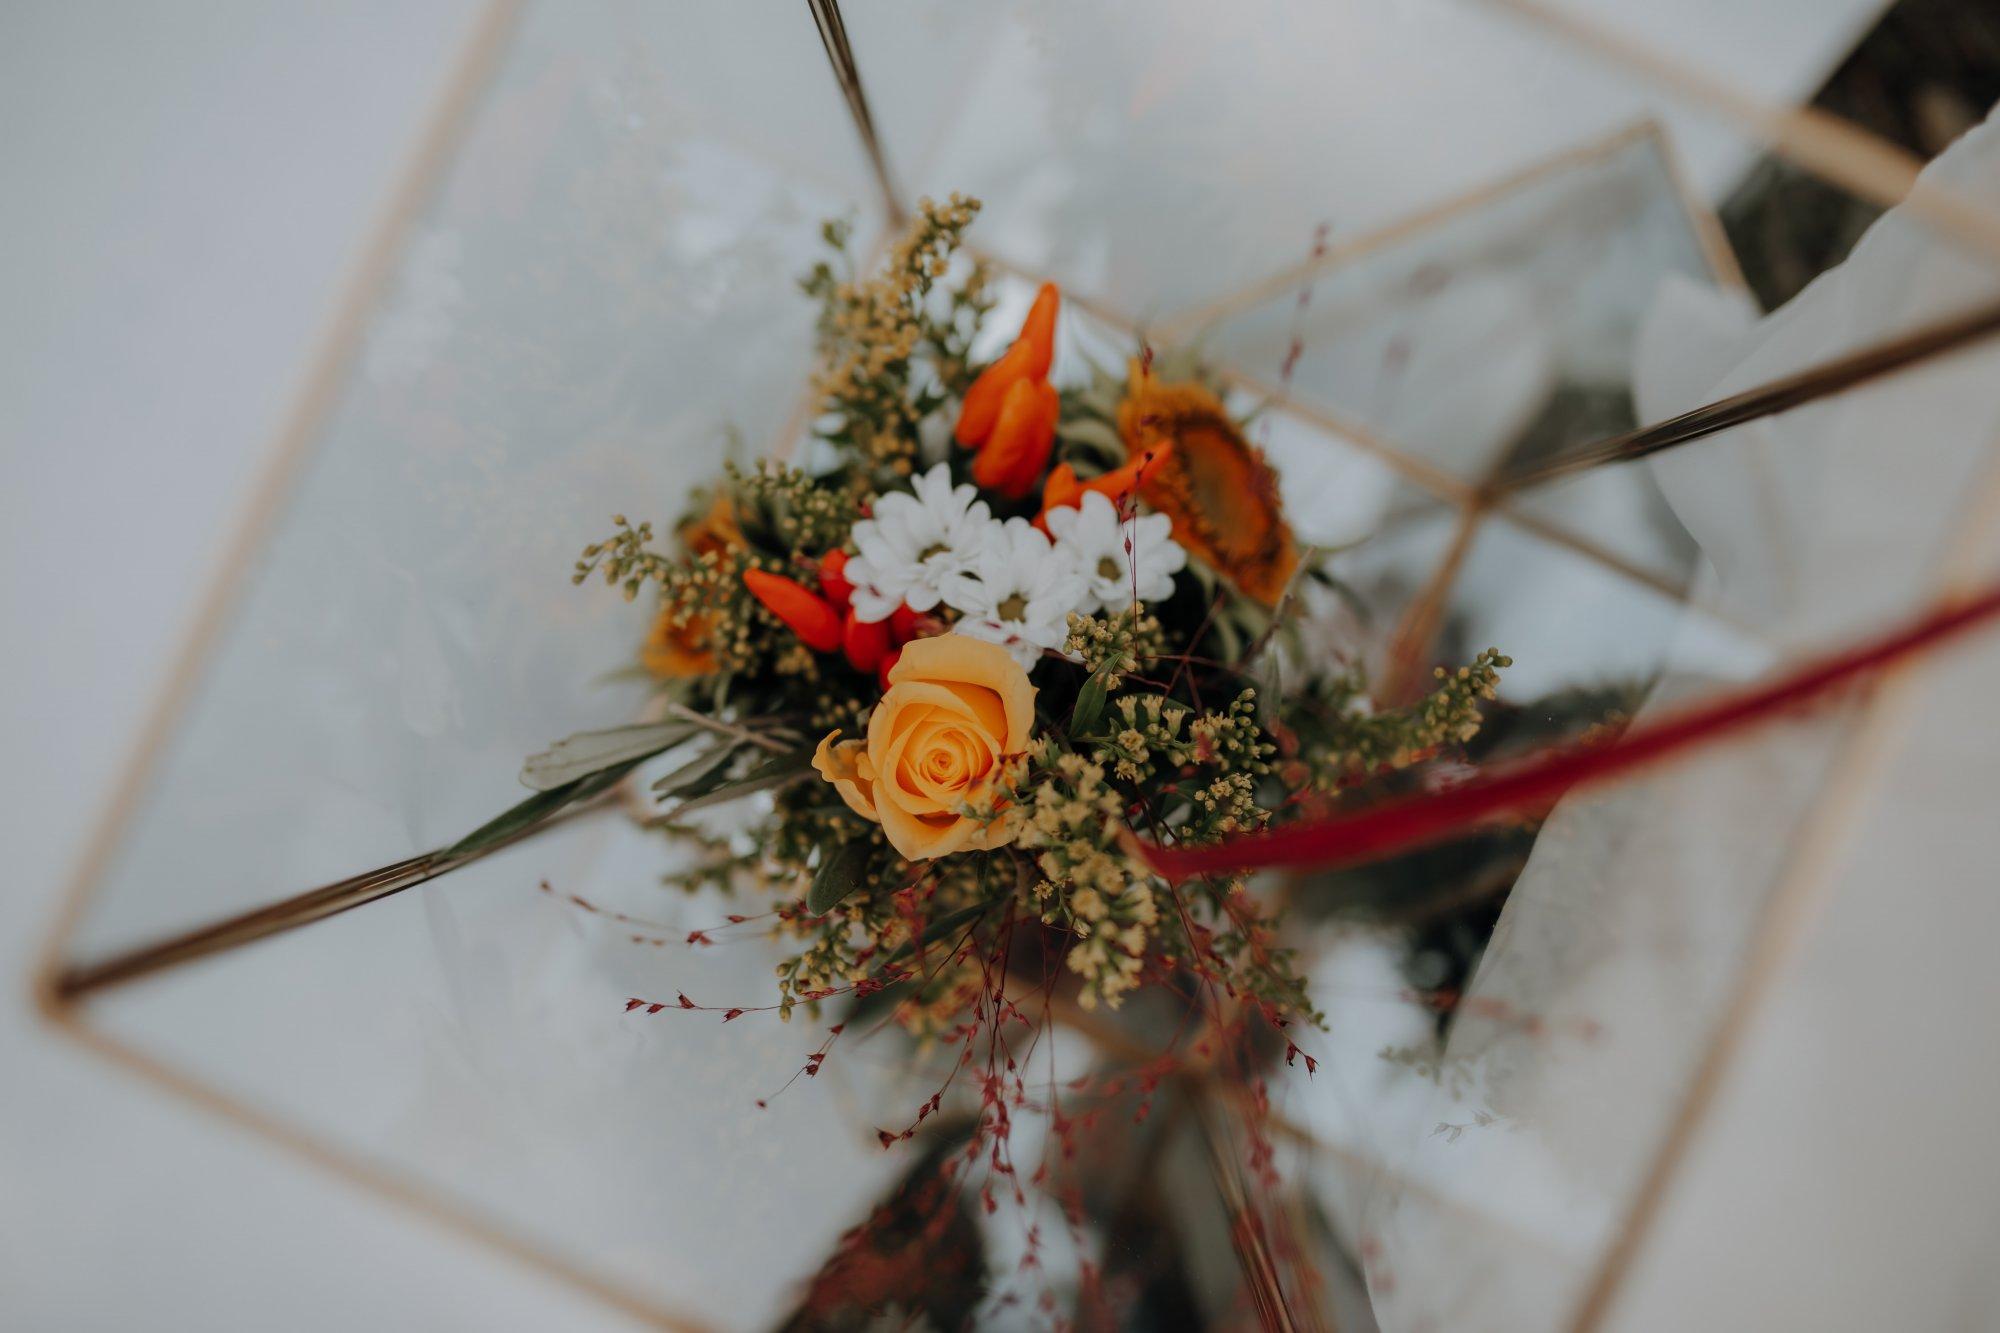 Wedding Coordination Austria - Best Wedding Planner Austria - Stressfree Weddings by SandraM